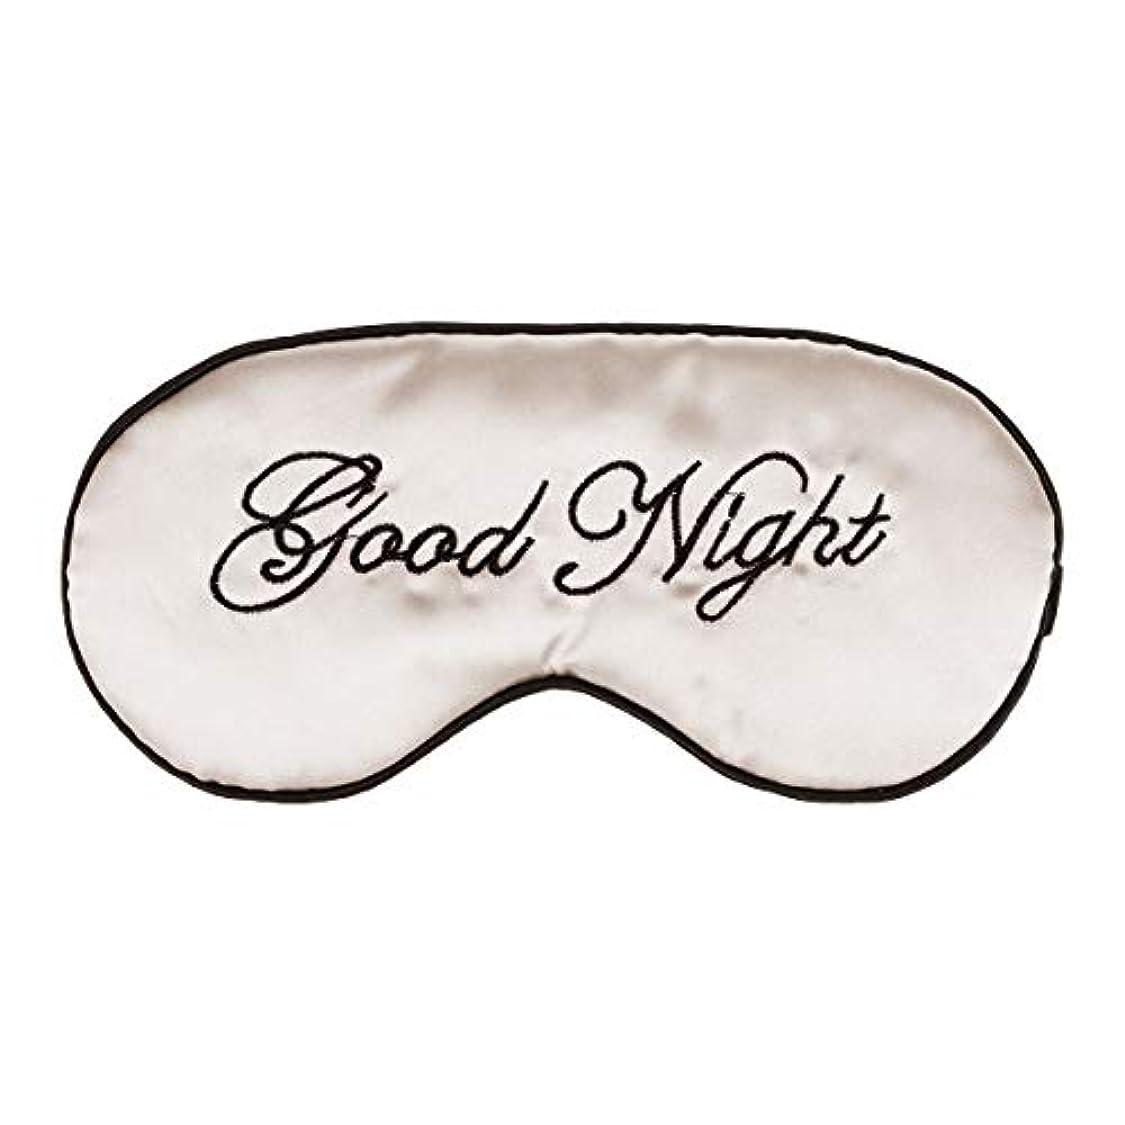 有名人バランス昨日SUPVOX シルクスリーピングマスク 刺繍スタイル 睡眠 アイマスク 軽量 アイマスク 遮光 圧迫感なし 疲れ目 睡眠 旅行 仮 眠 疲労回復に最適 無地(ベージュ)